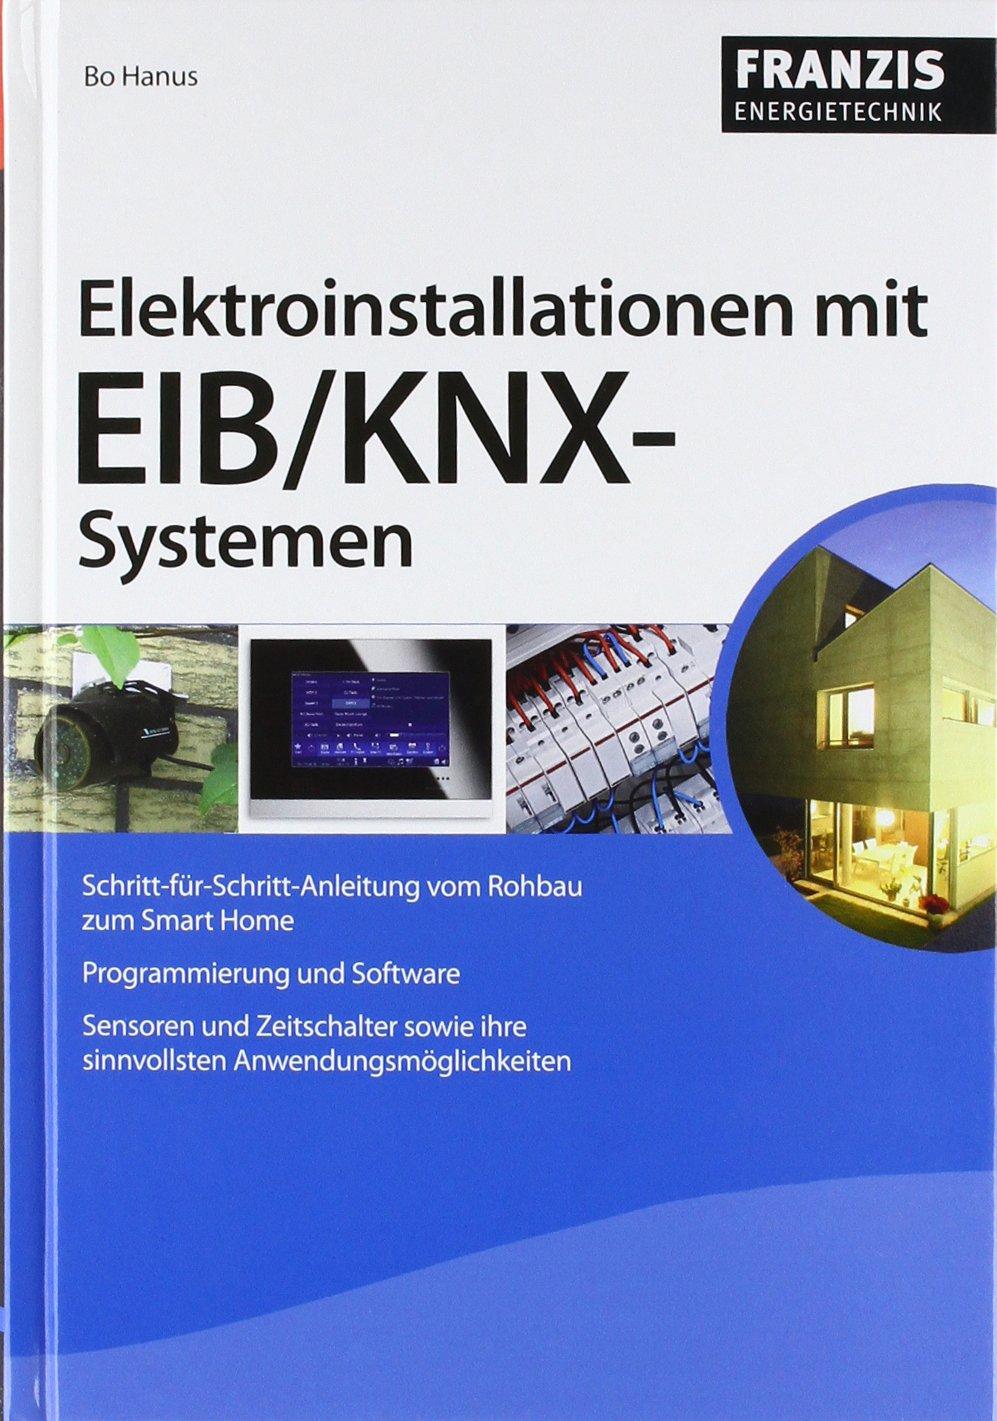 Elektroinstallationen mit EIB/KNX-Systemen